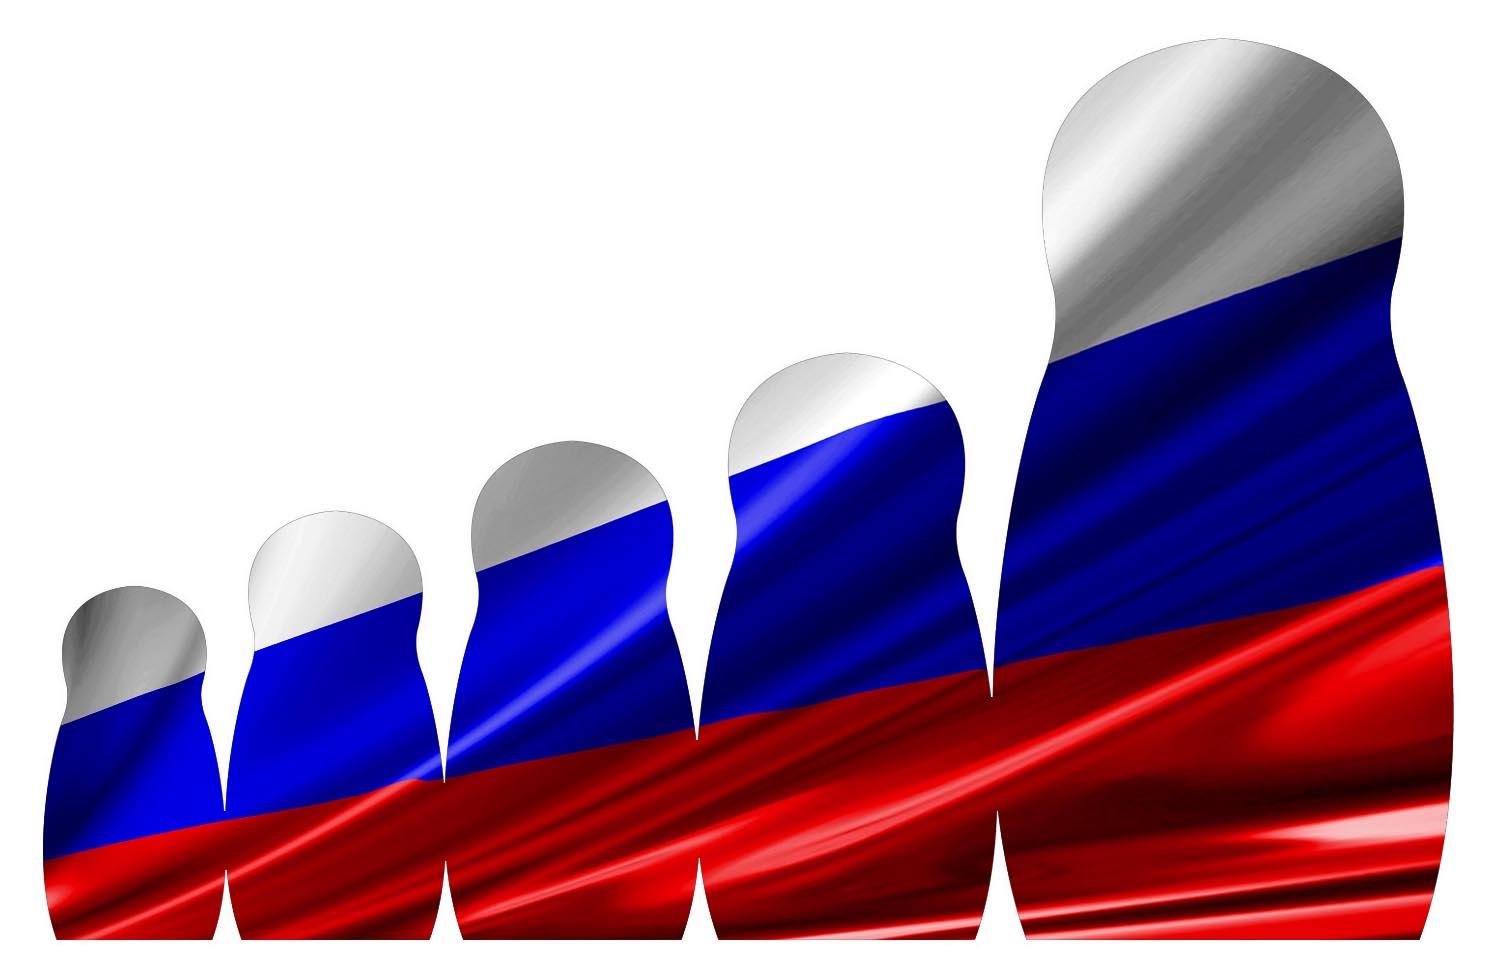 CNA PROVINCIALE ANCONA ORGANIZZA UN SEMINARIO SULLE NUOVE PROSPETTIVE OFFERTE DAL MERCATO RUSSO